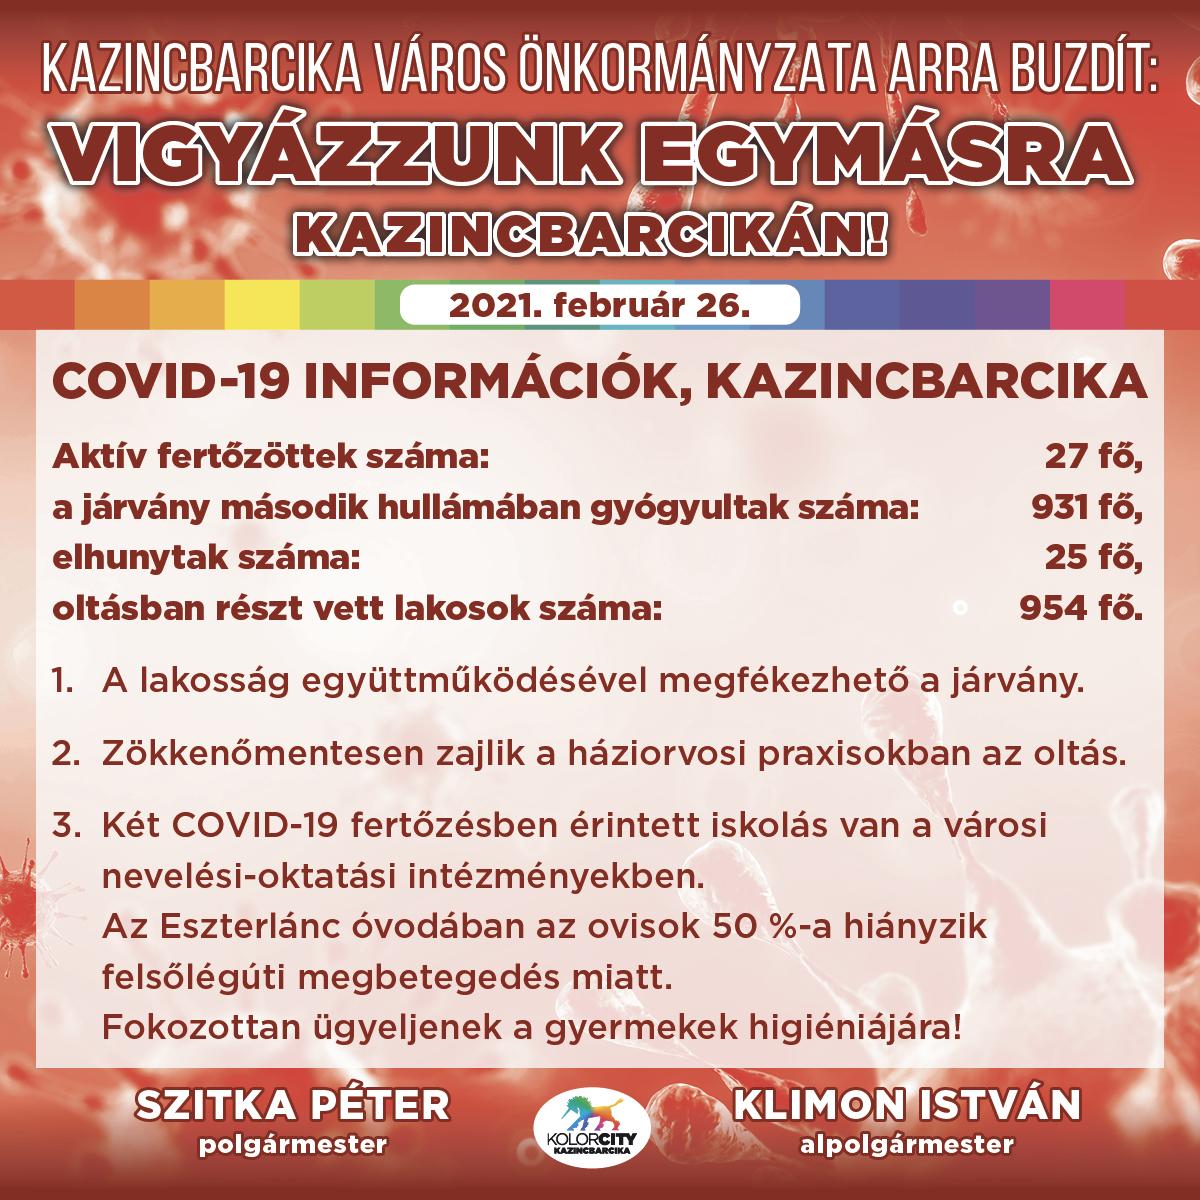 https://kolorline.hu/Vigyázzunk egymásra Kazincbarcikán! – 2021. február 26.